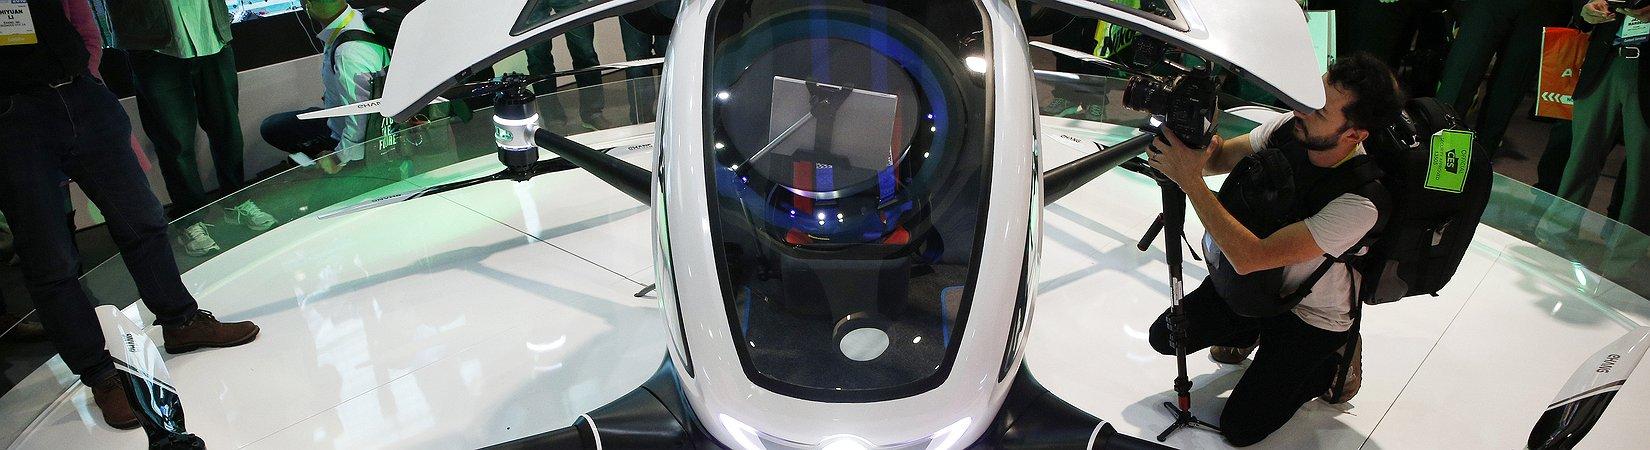 Dubai prevê lançar táxi voador, autônomo, ainda este ano